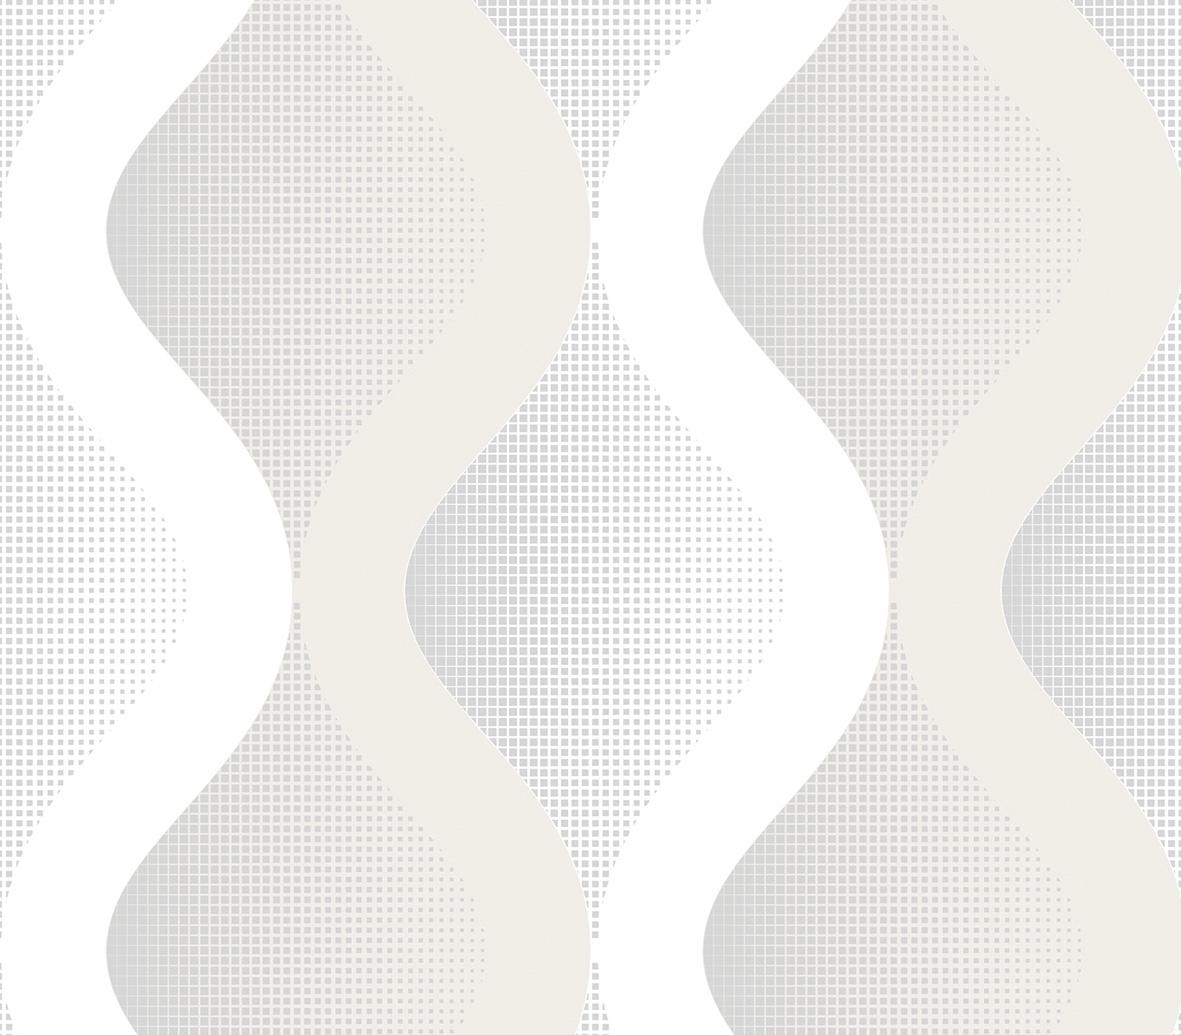 67f5de531 Papel de Parede Neonature 3 3N851101R   Papel de parede é Mannáh ...